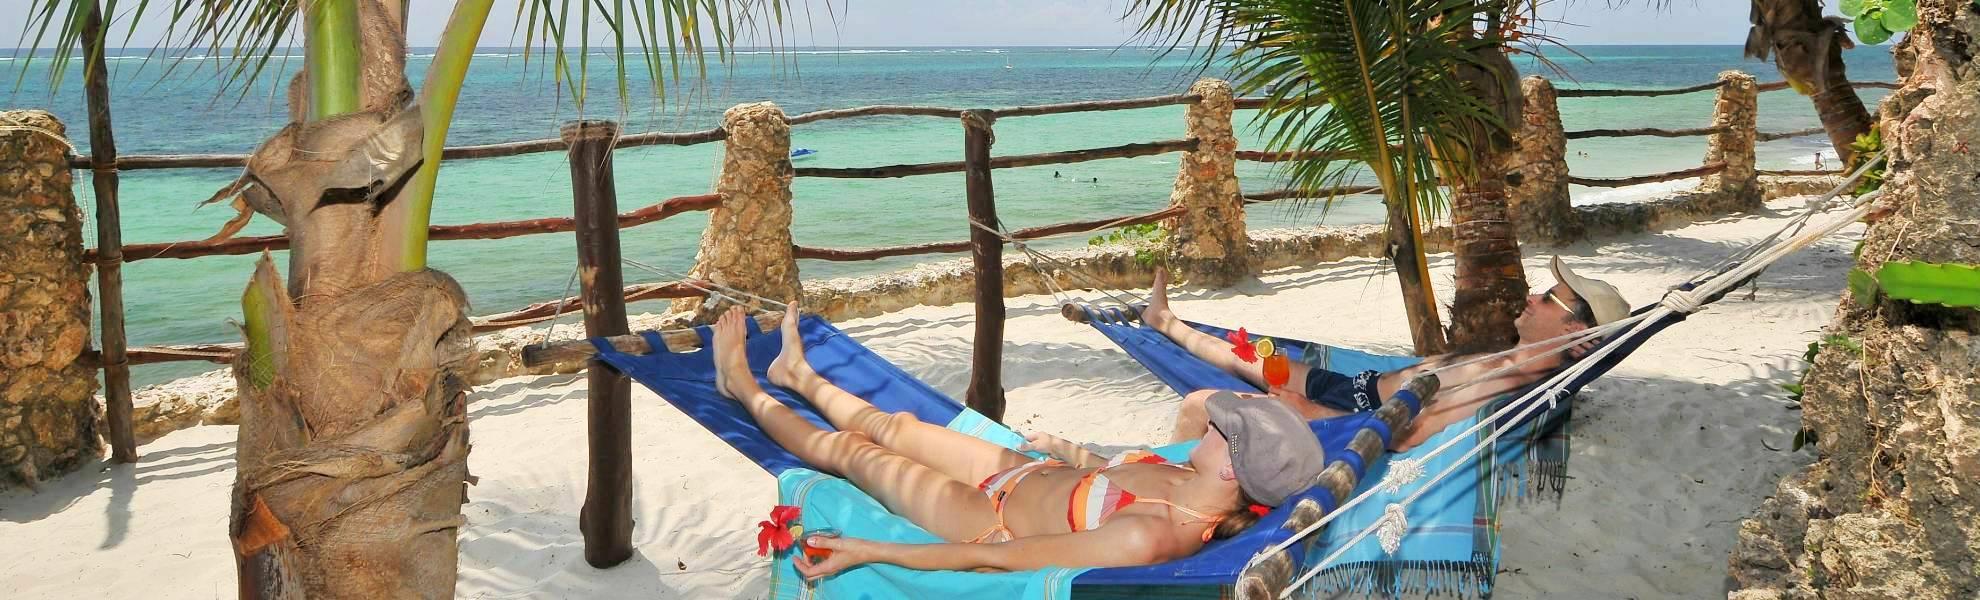 Hängematten mit Blick zum Meer im Bahari Beach Hotel am Nyali Strand